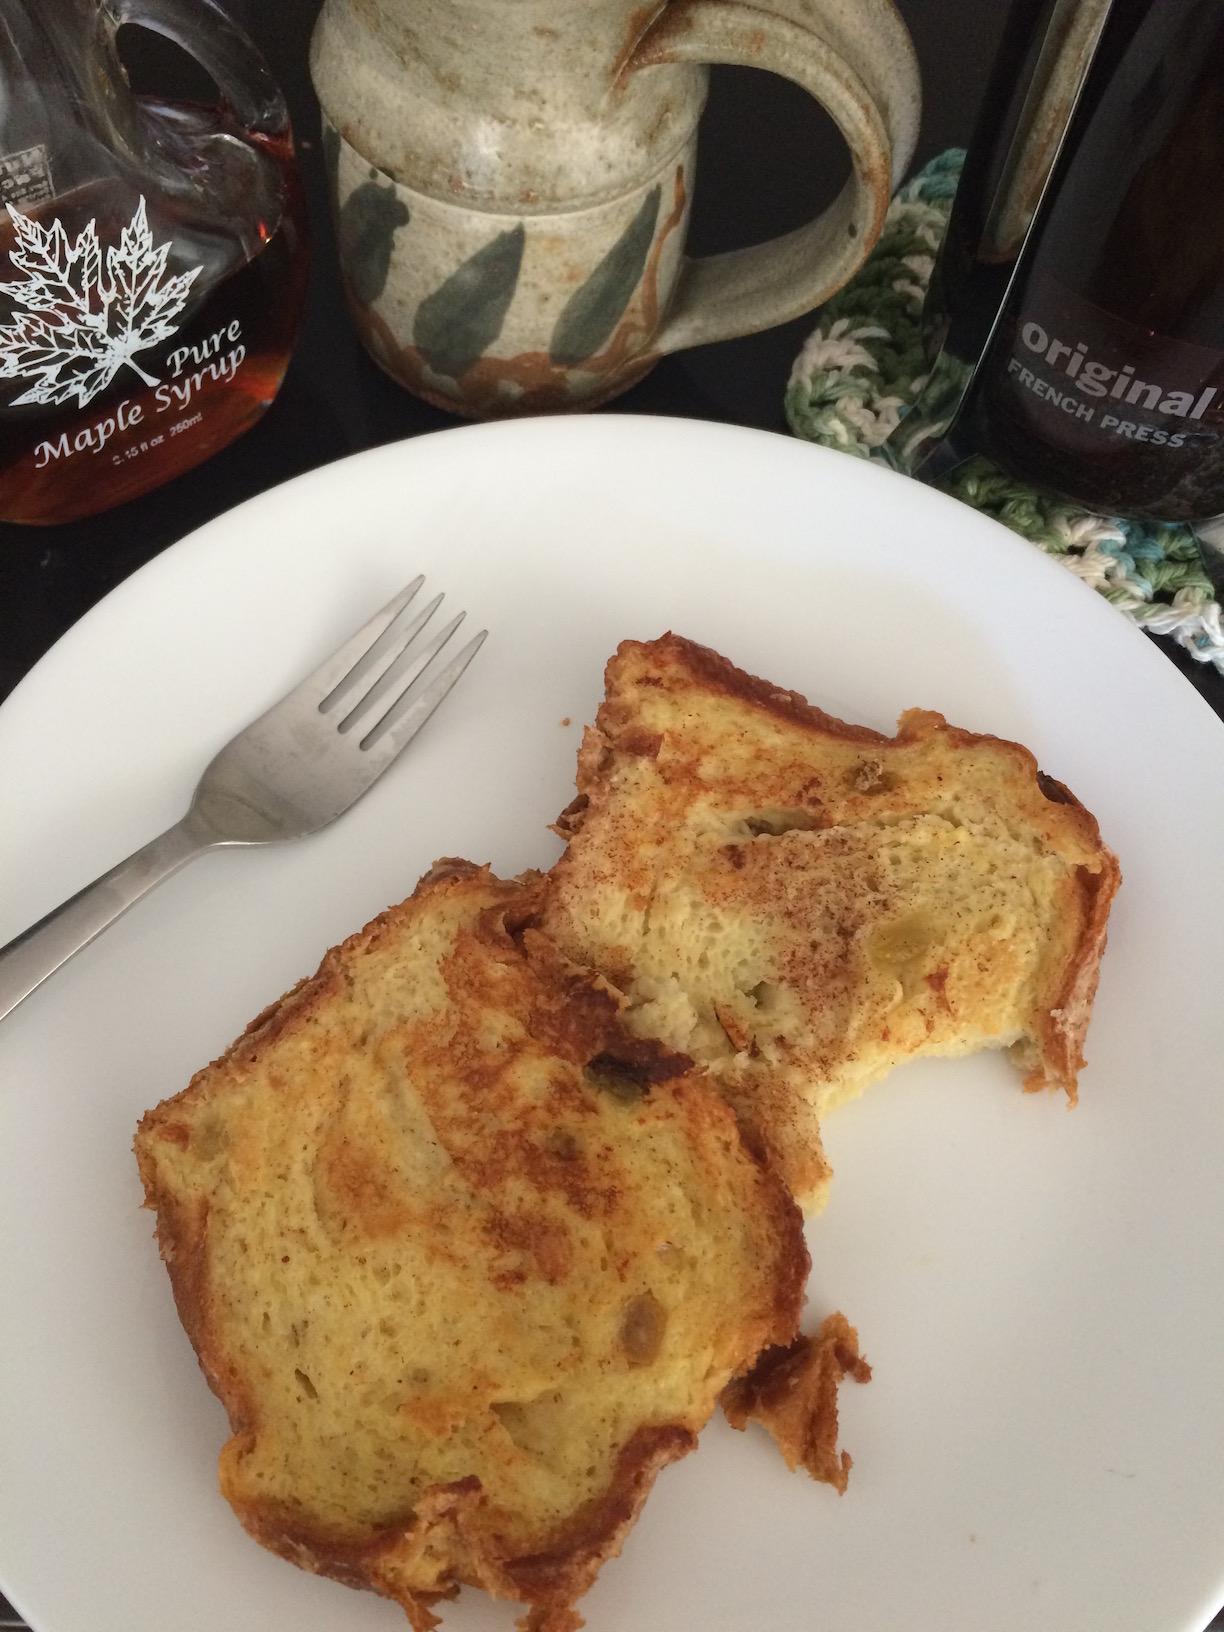 Sambuca Soaked Babka French Toast